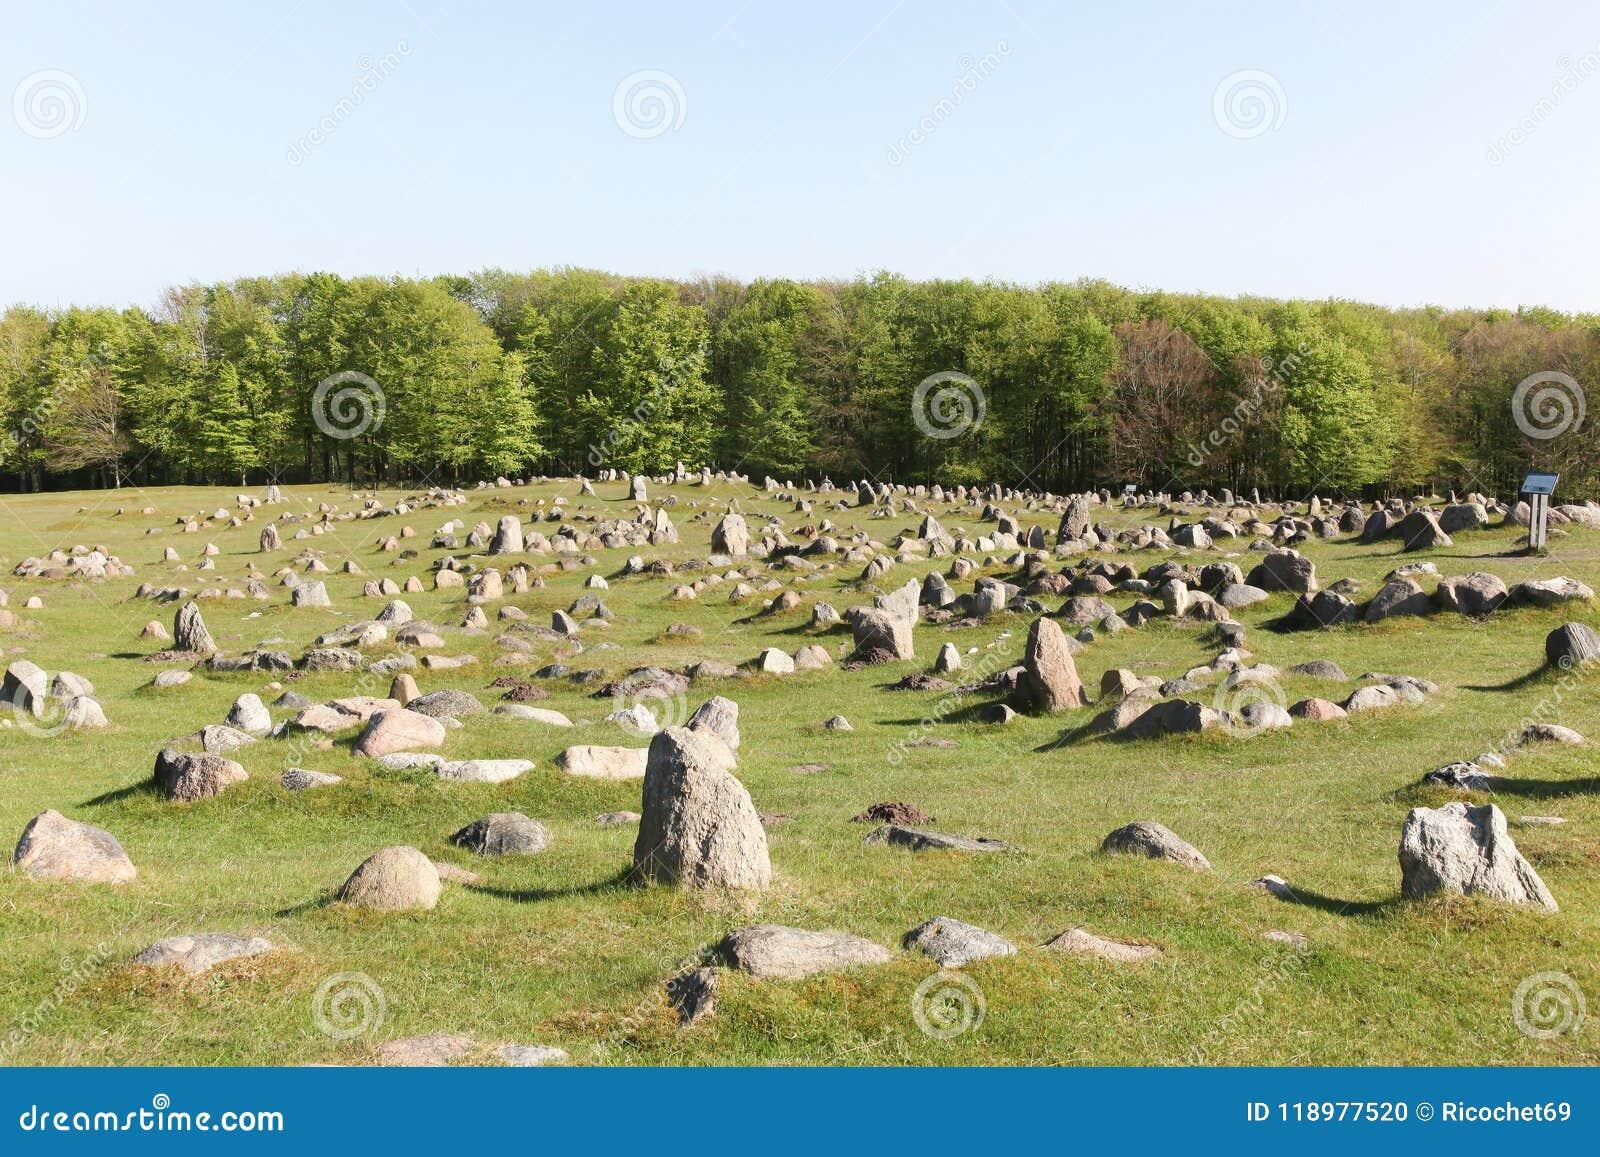 Lindholm-Hügel, die Lindholm Hoje auf Dänisch genannt werden, ist ein bedeutender Wikinger-Beerdigungsstandort